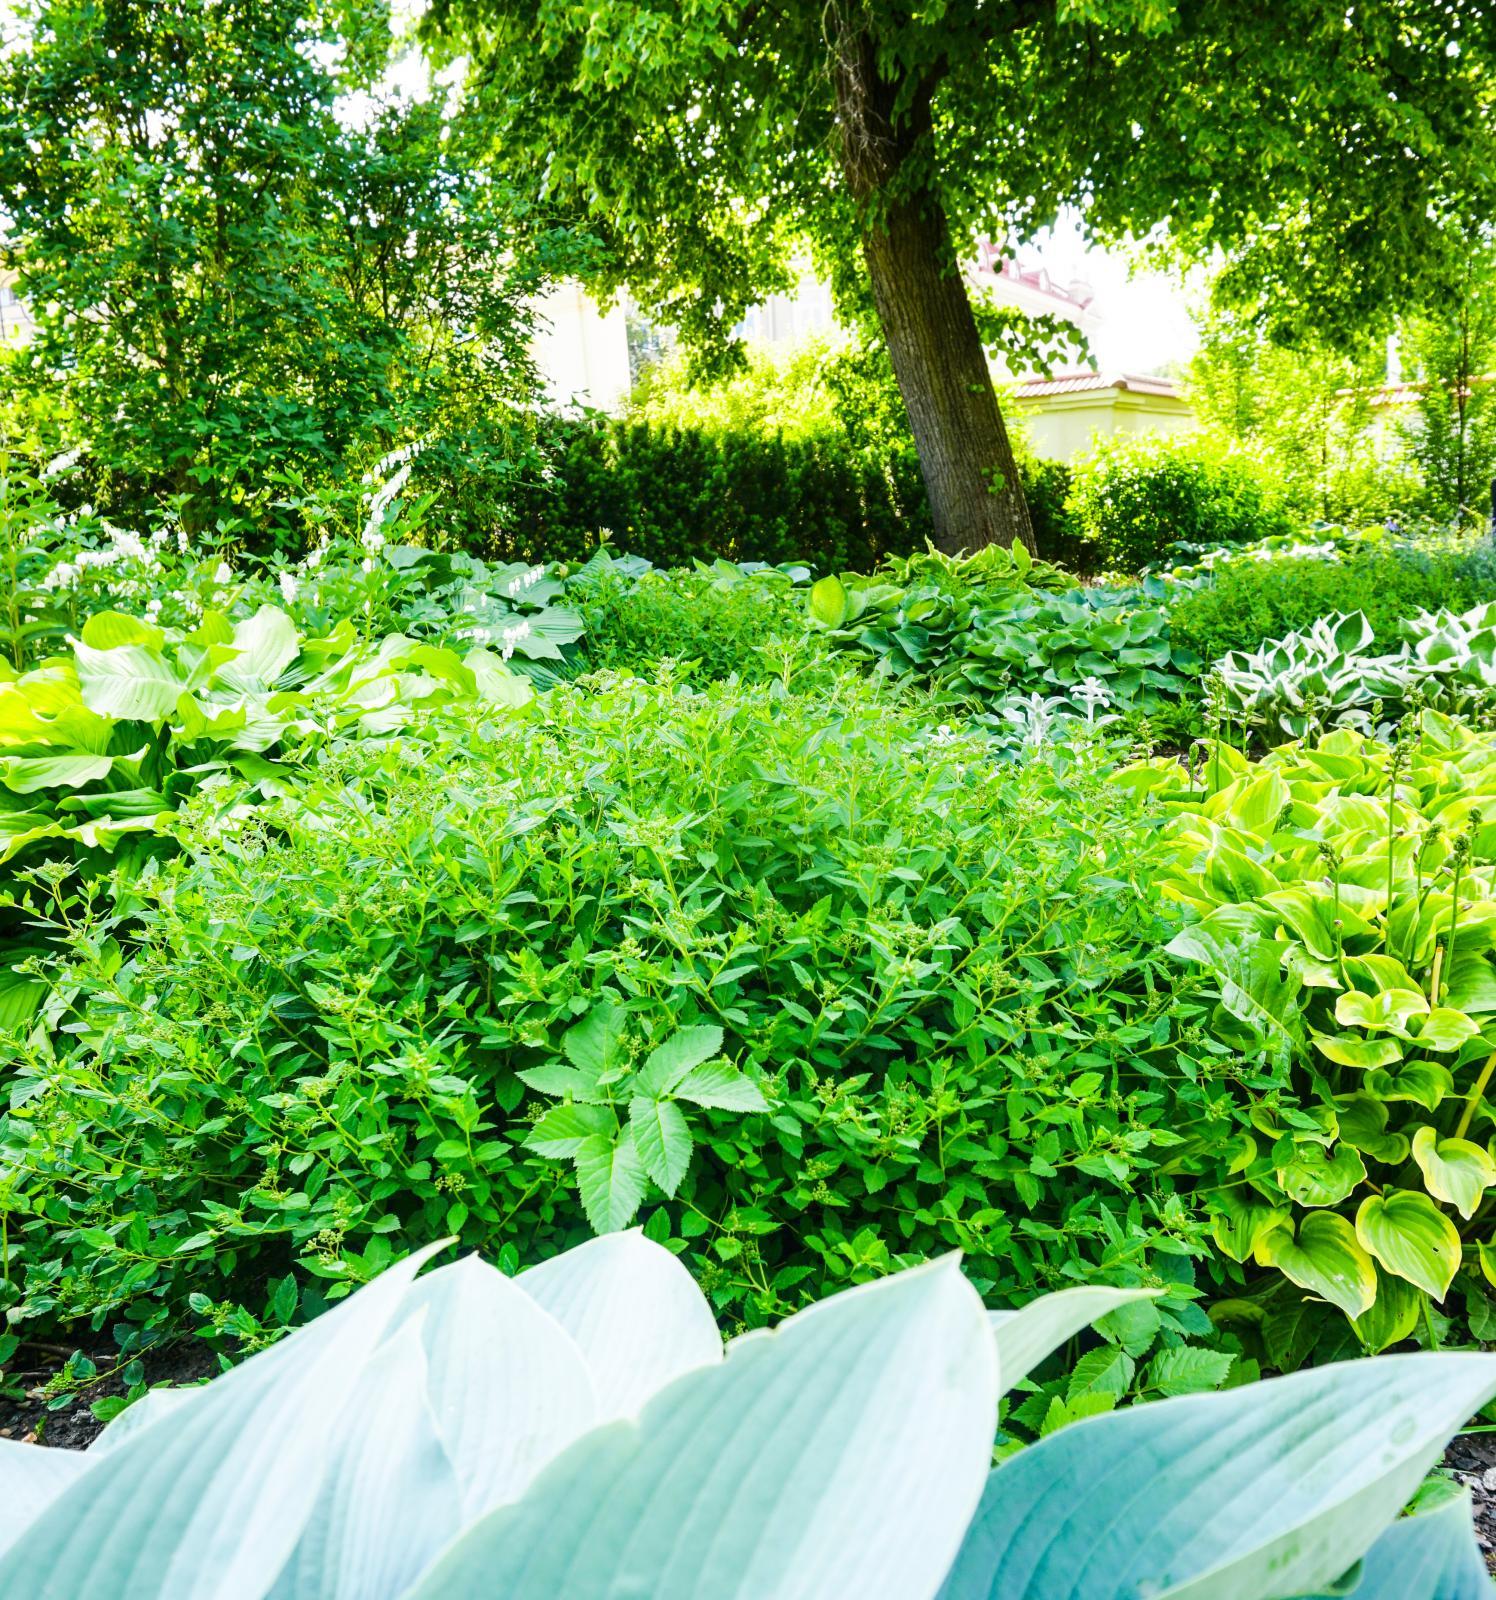 Missa inte den botaniska trädgården som är värd ett besök.